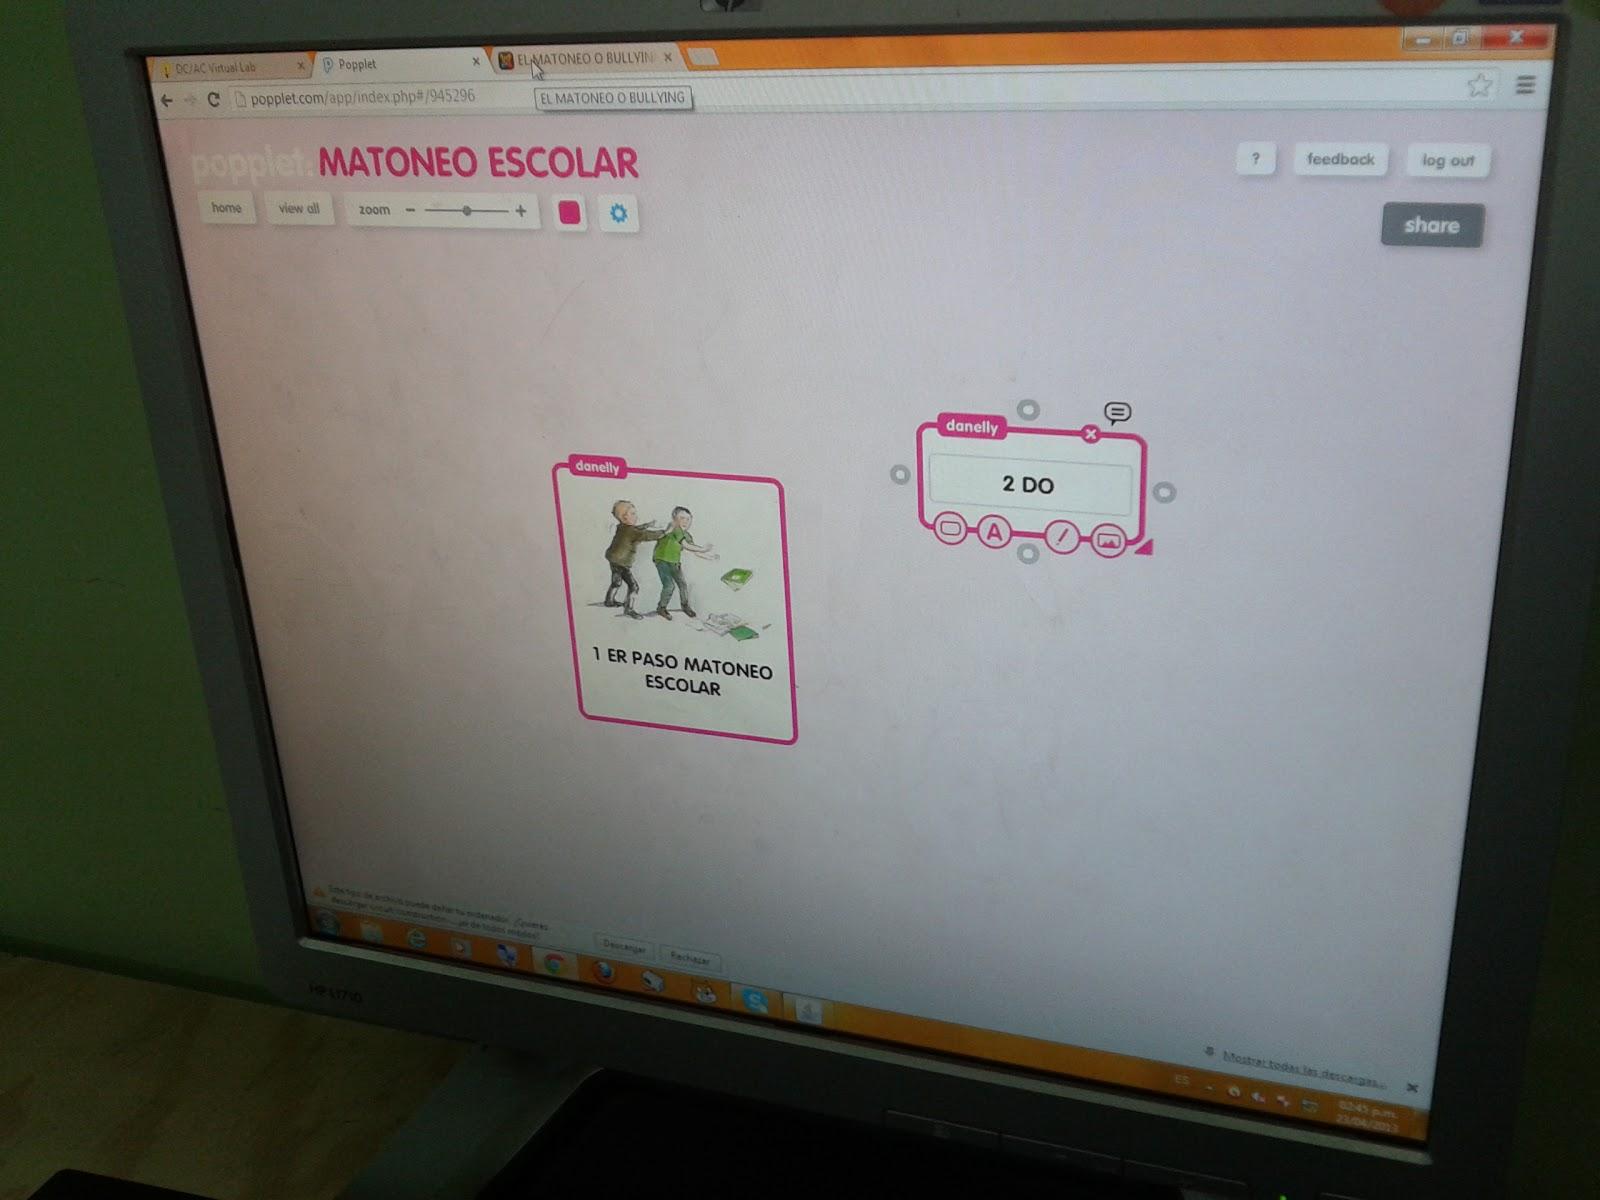 Desarrollo de un proyecto escolar en contra del matoneo escolar usando la herramienta popplet